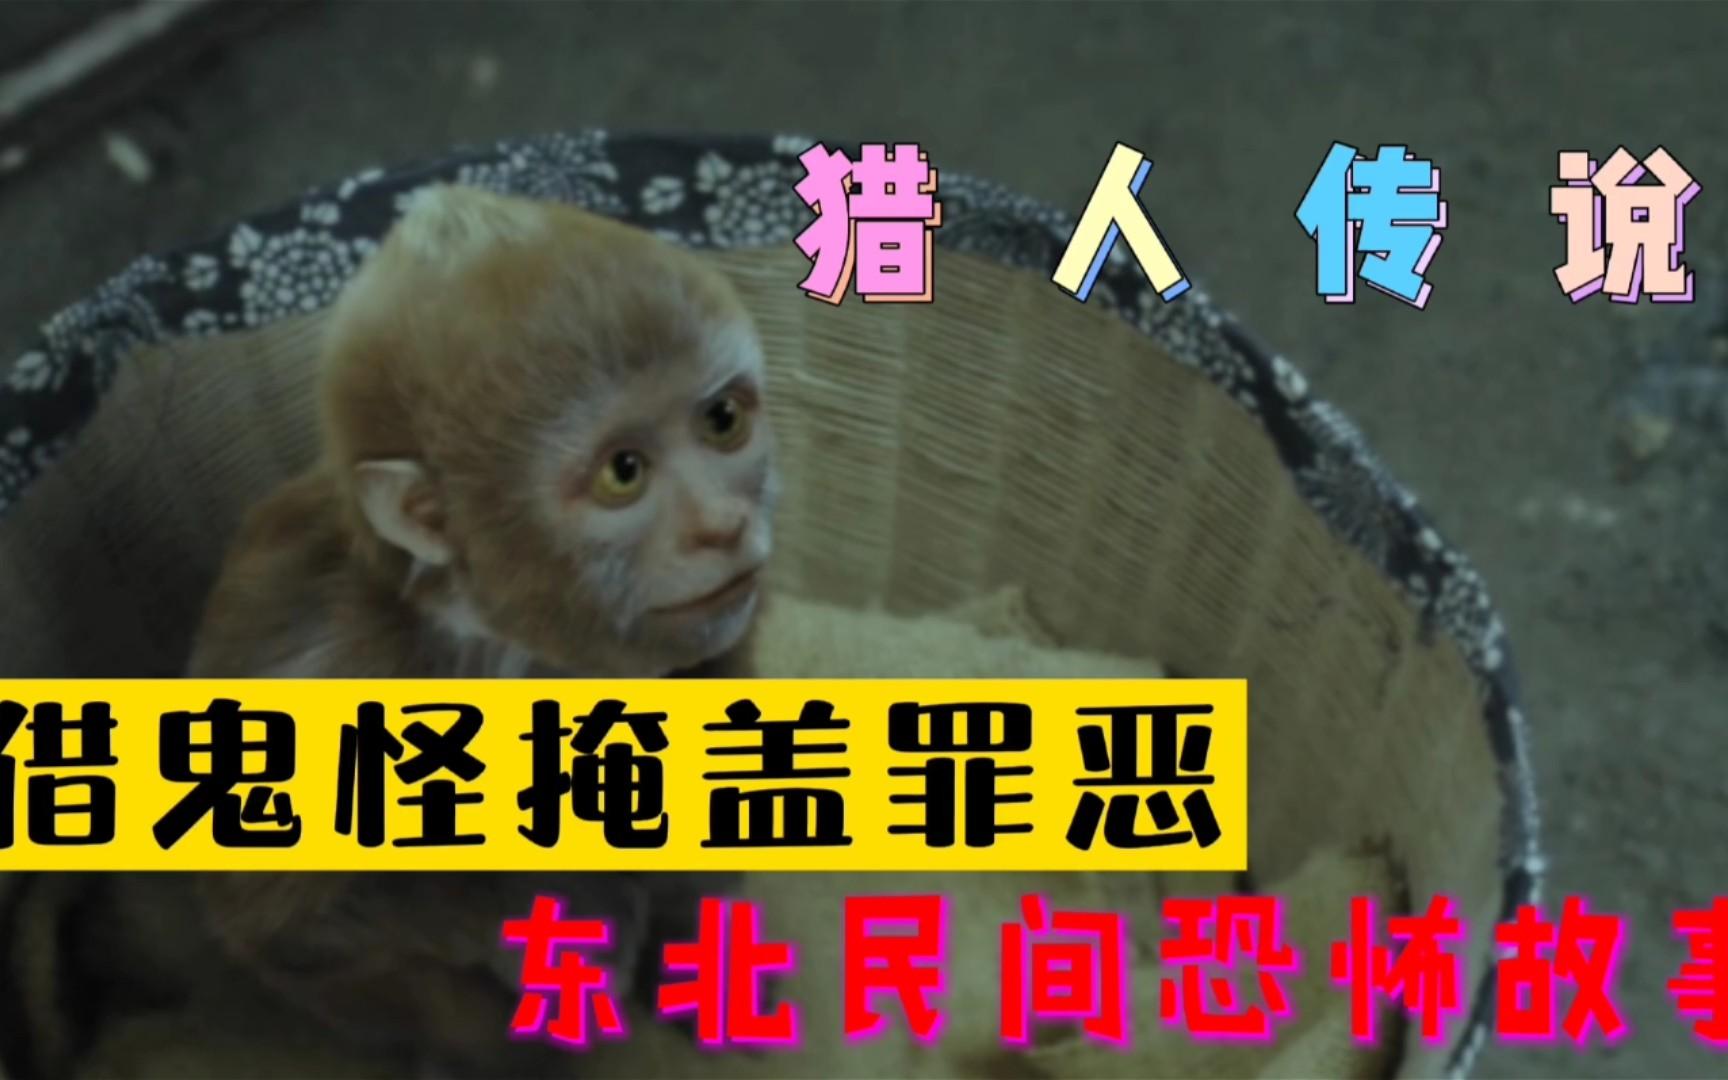 东北民间恐怖故事,狐仙、人面树、吃人老太,以故事掩盖罪恶